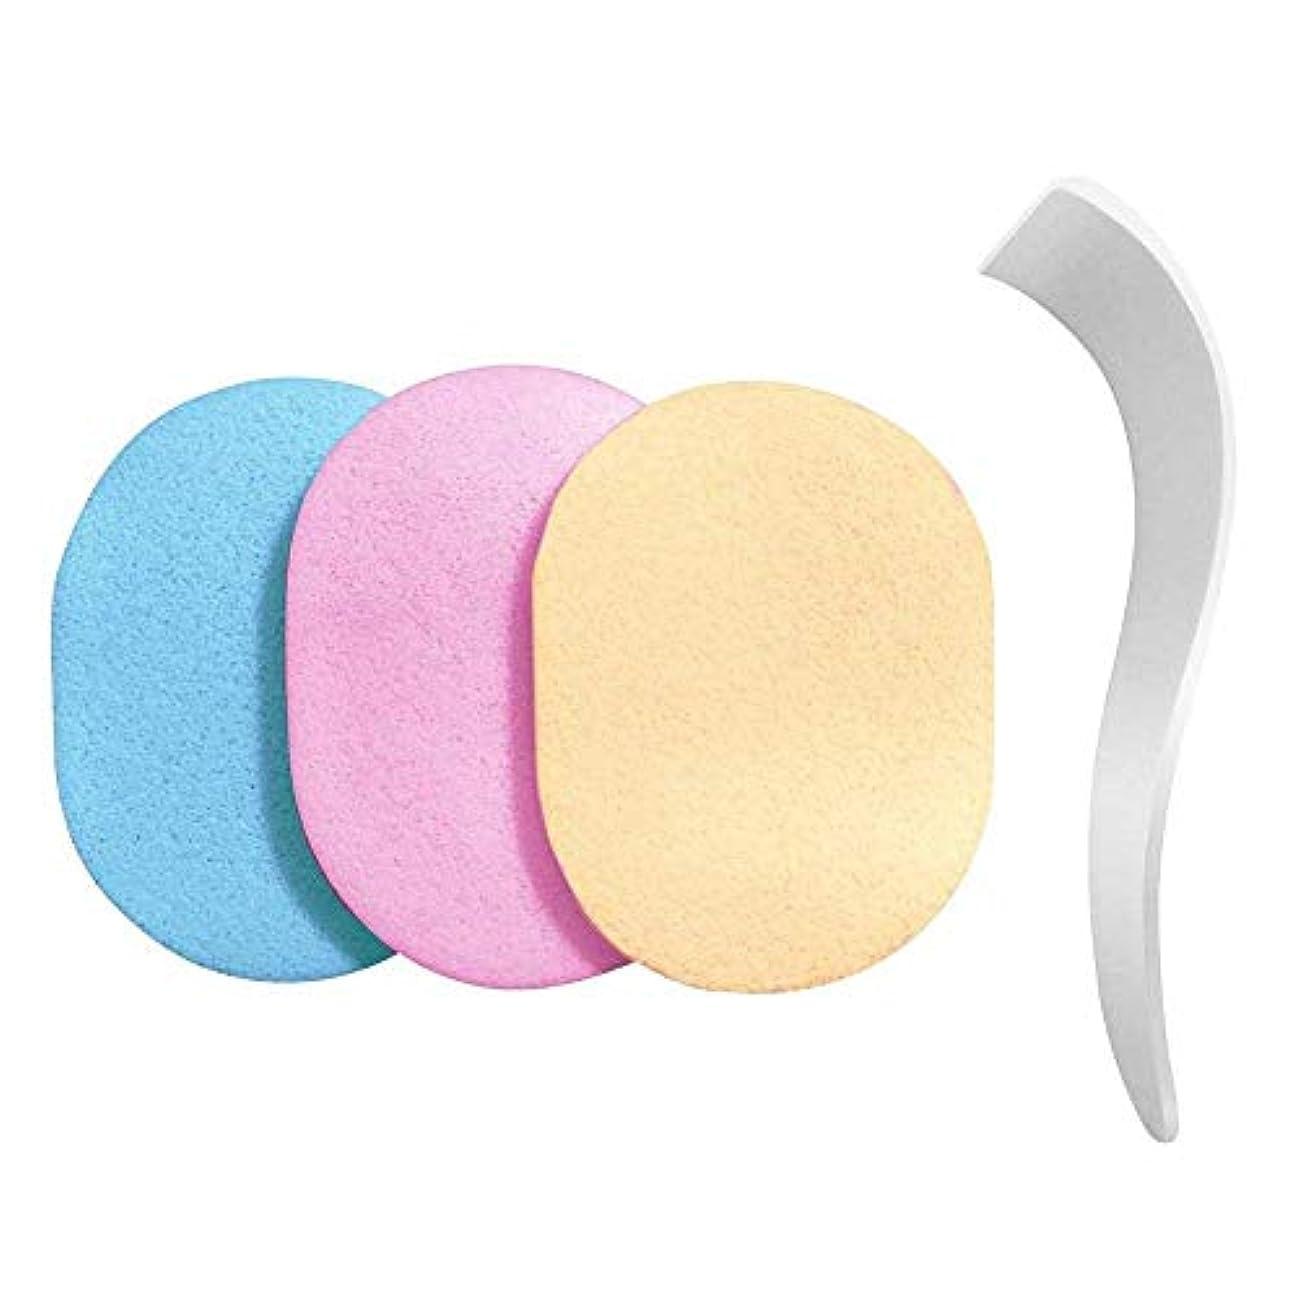 特殊ピザ限りなくFlymylion 専用ヘラ スポンジ 洗って使える 3色セット 除毛クリーム専用 メンズ レディース【除毛用】